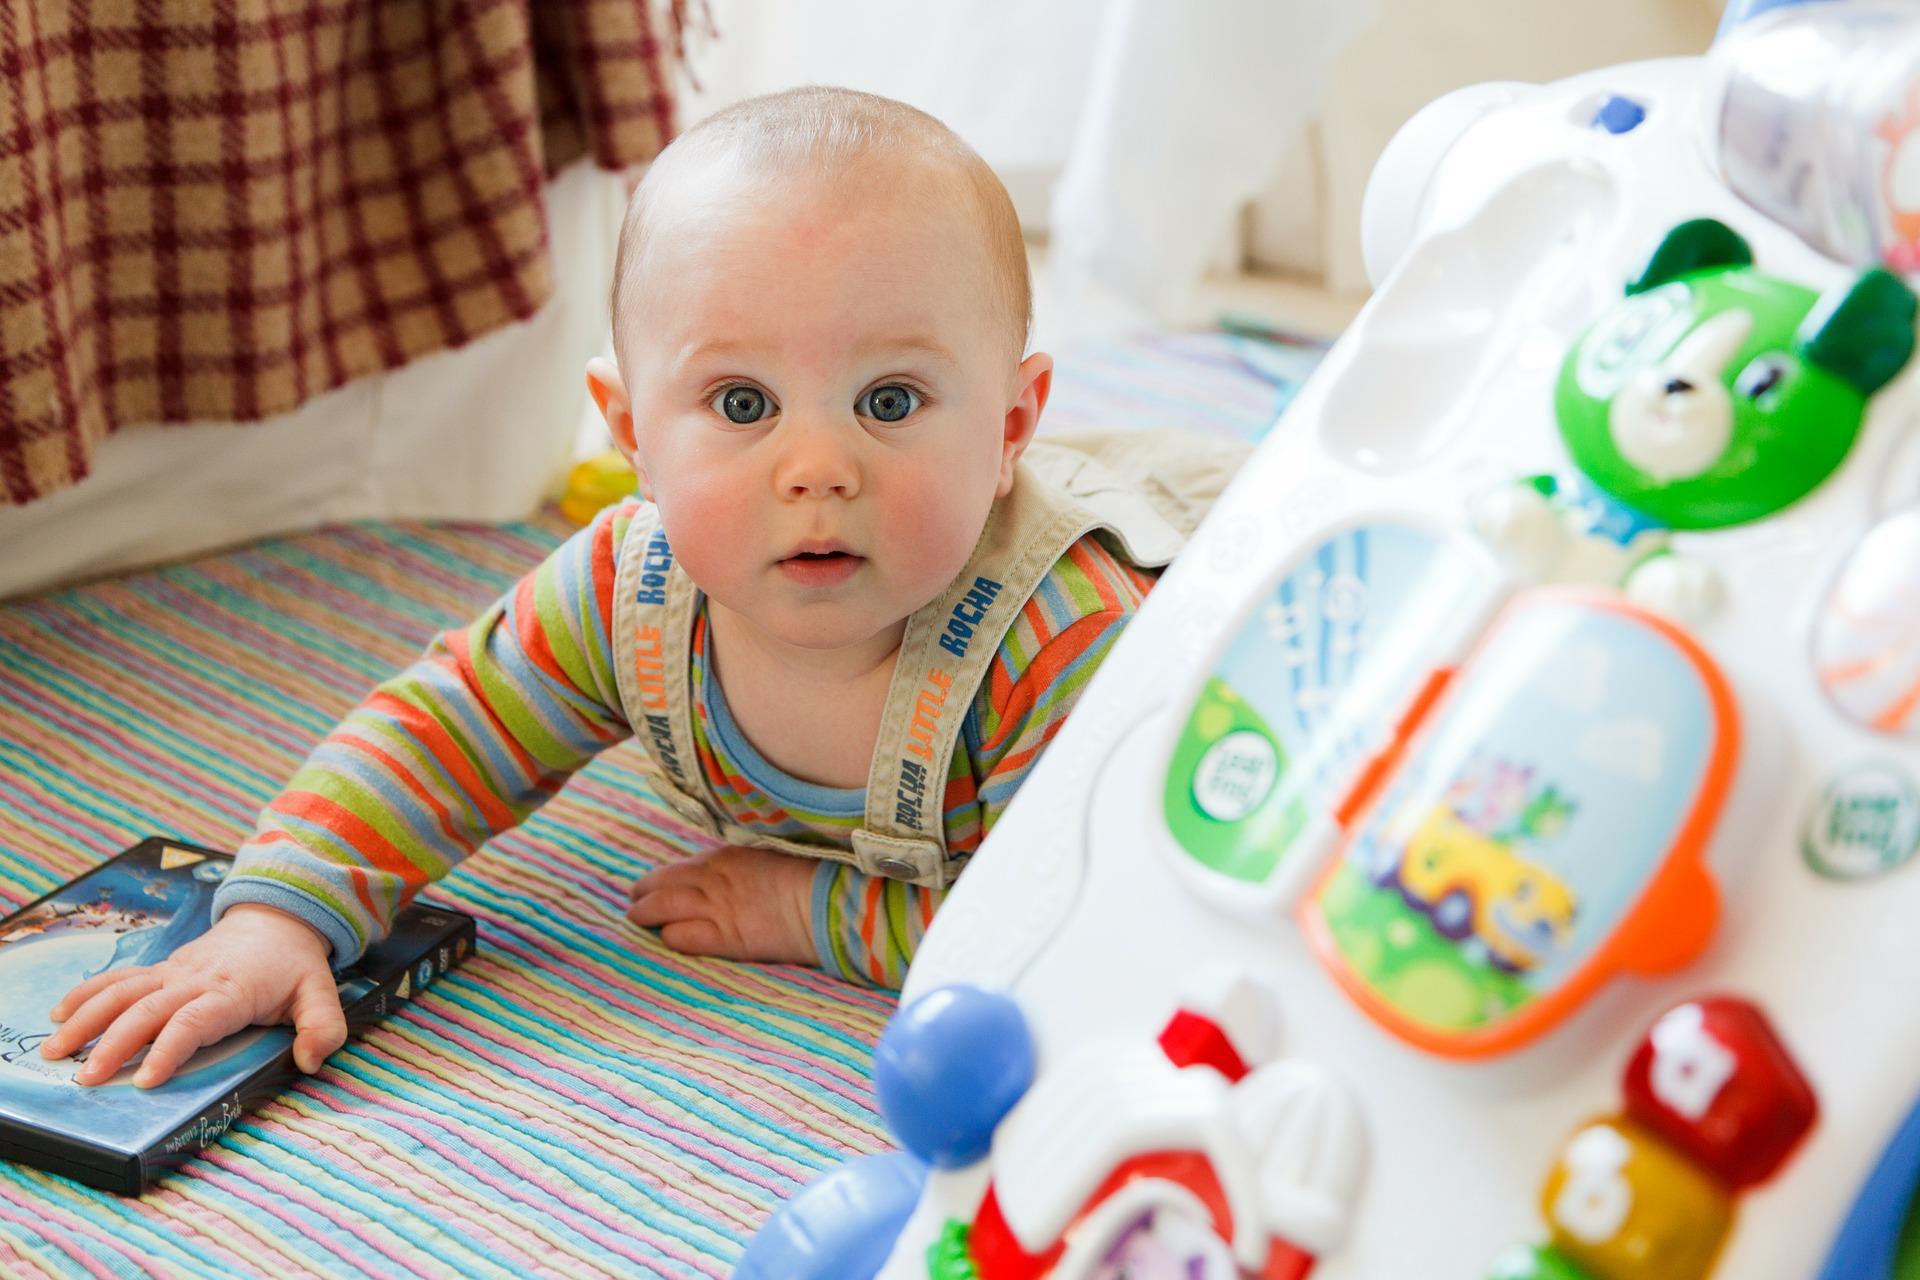 لماذا يجب أن تنتبهي إلى المنطقة الطرية في رأس طفلك؟